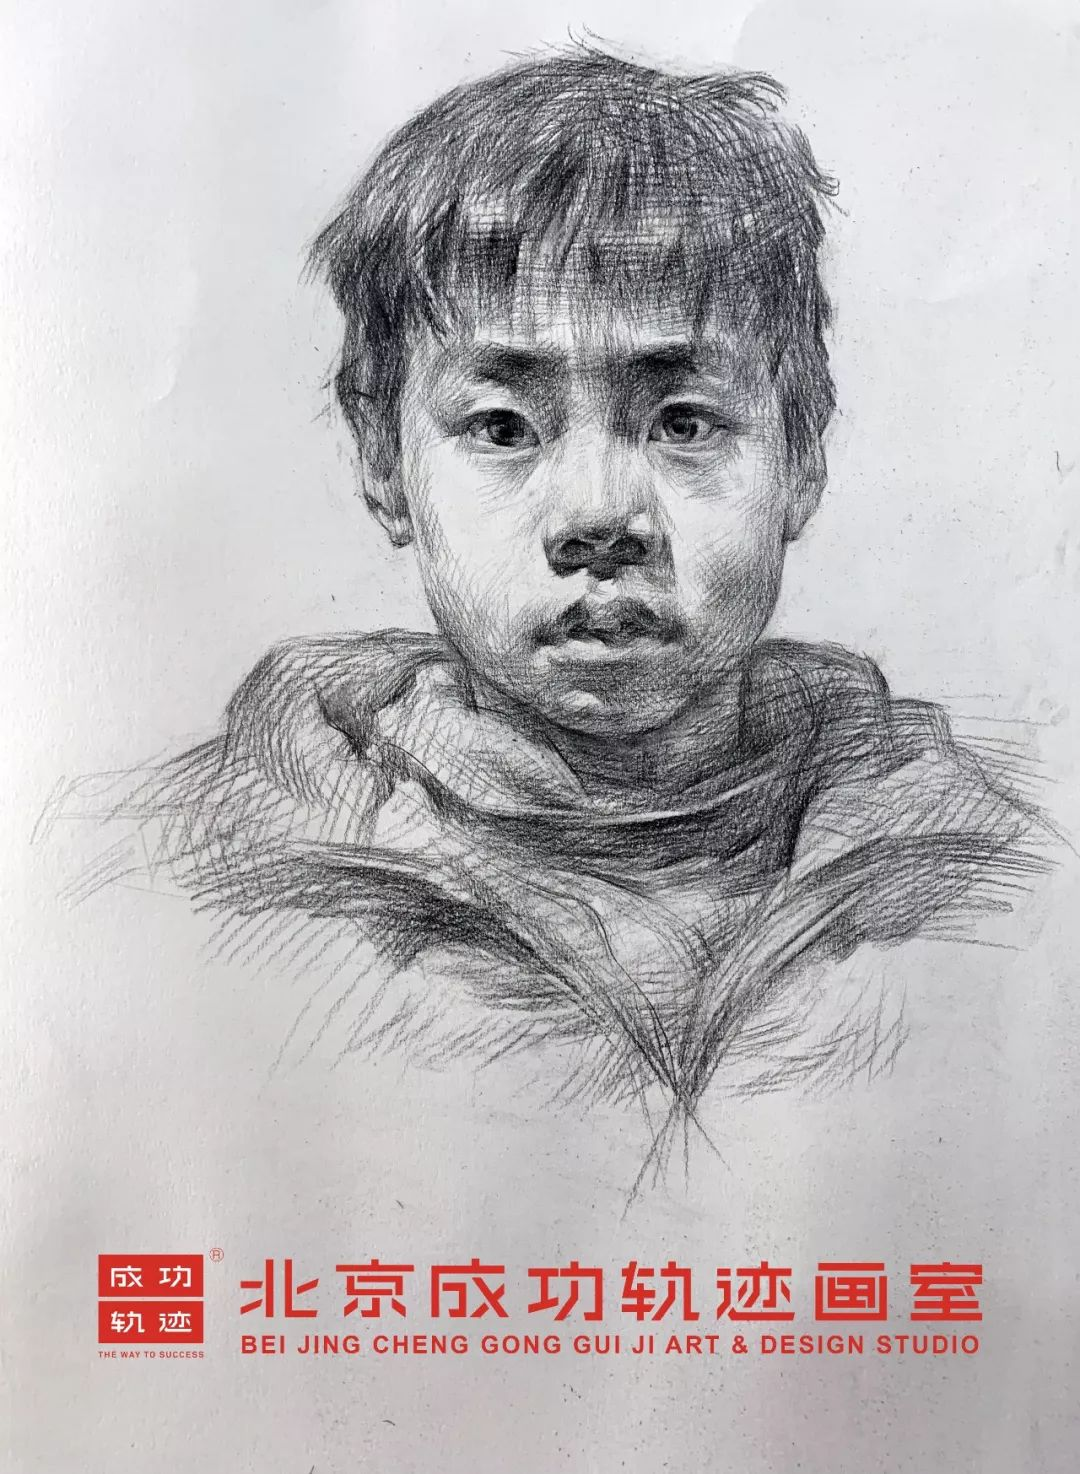 【成功轨迹直播课堂】带你解密联考素描头像,北京画室,北京美术培训    12